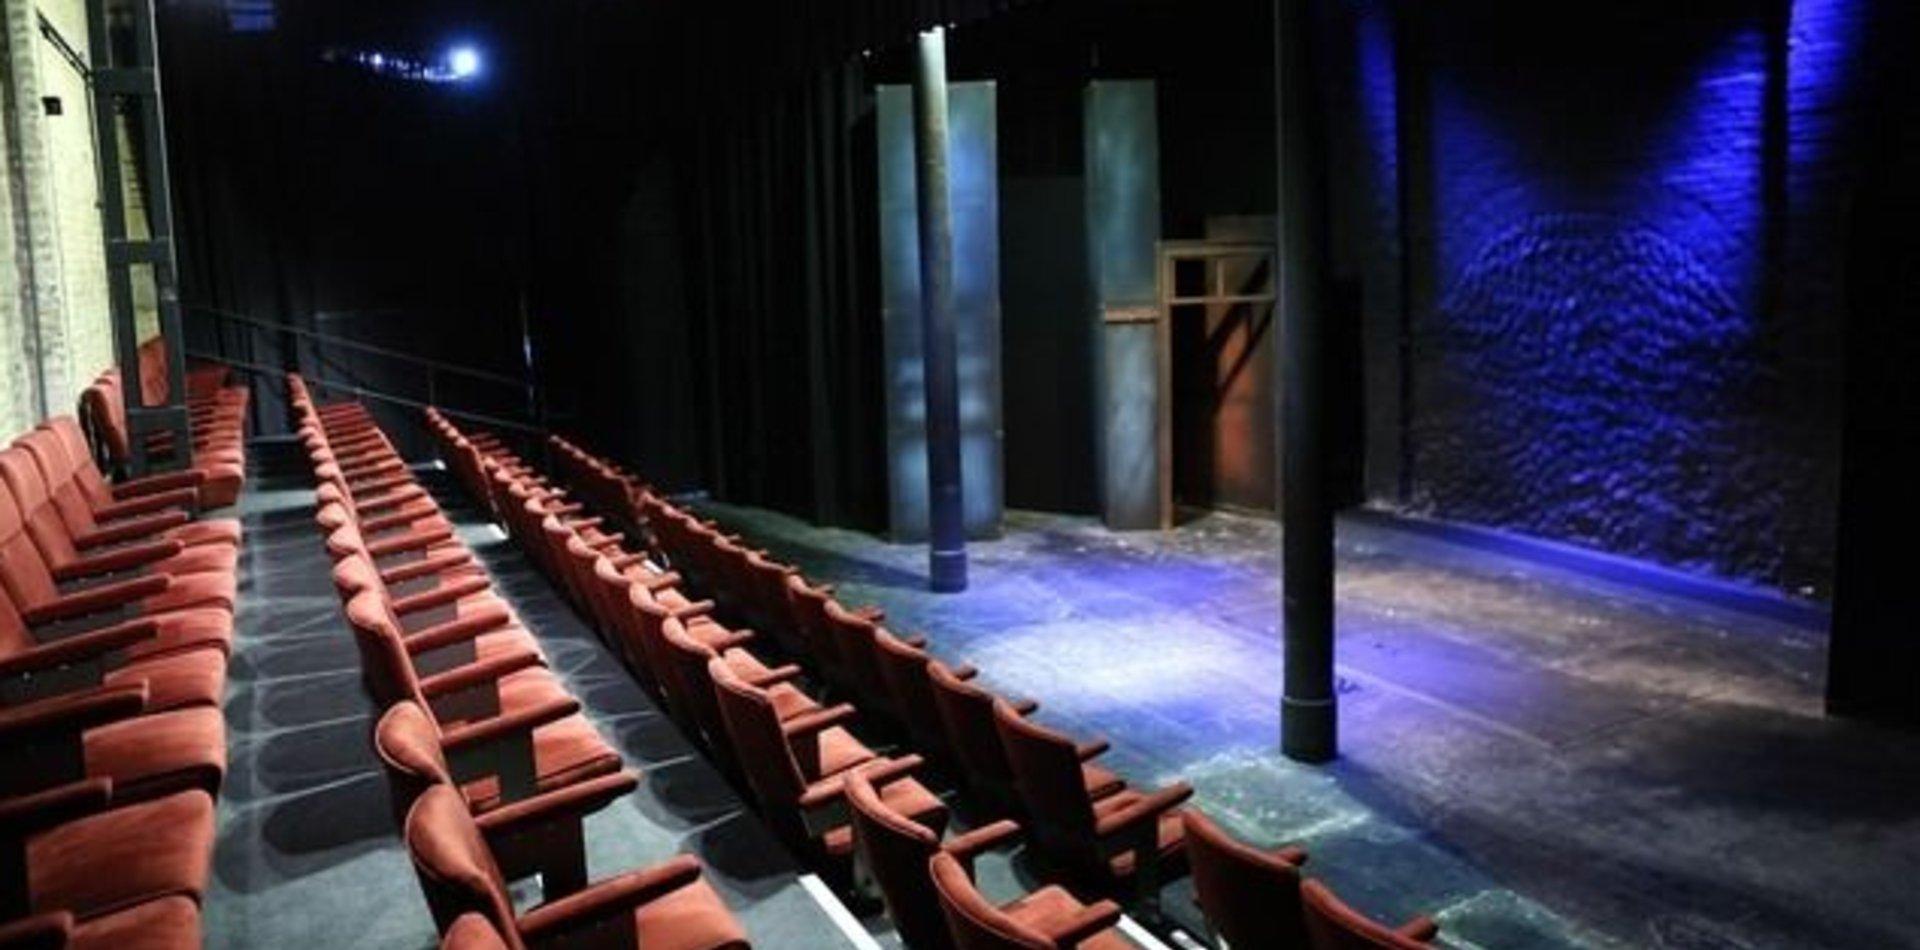 La Municipalidad dio luz verde y reabren los teatros de La Plata con shows por streaming